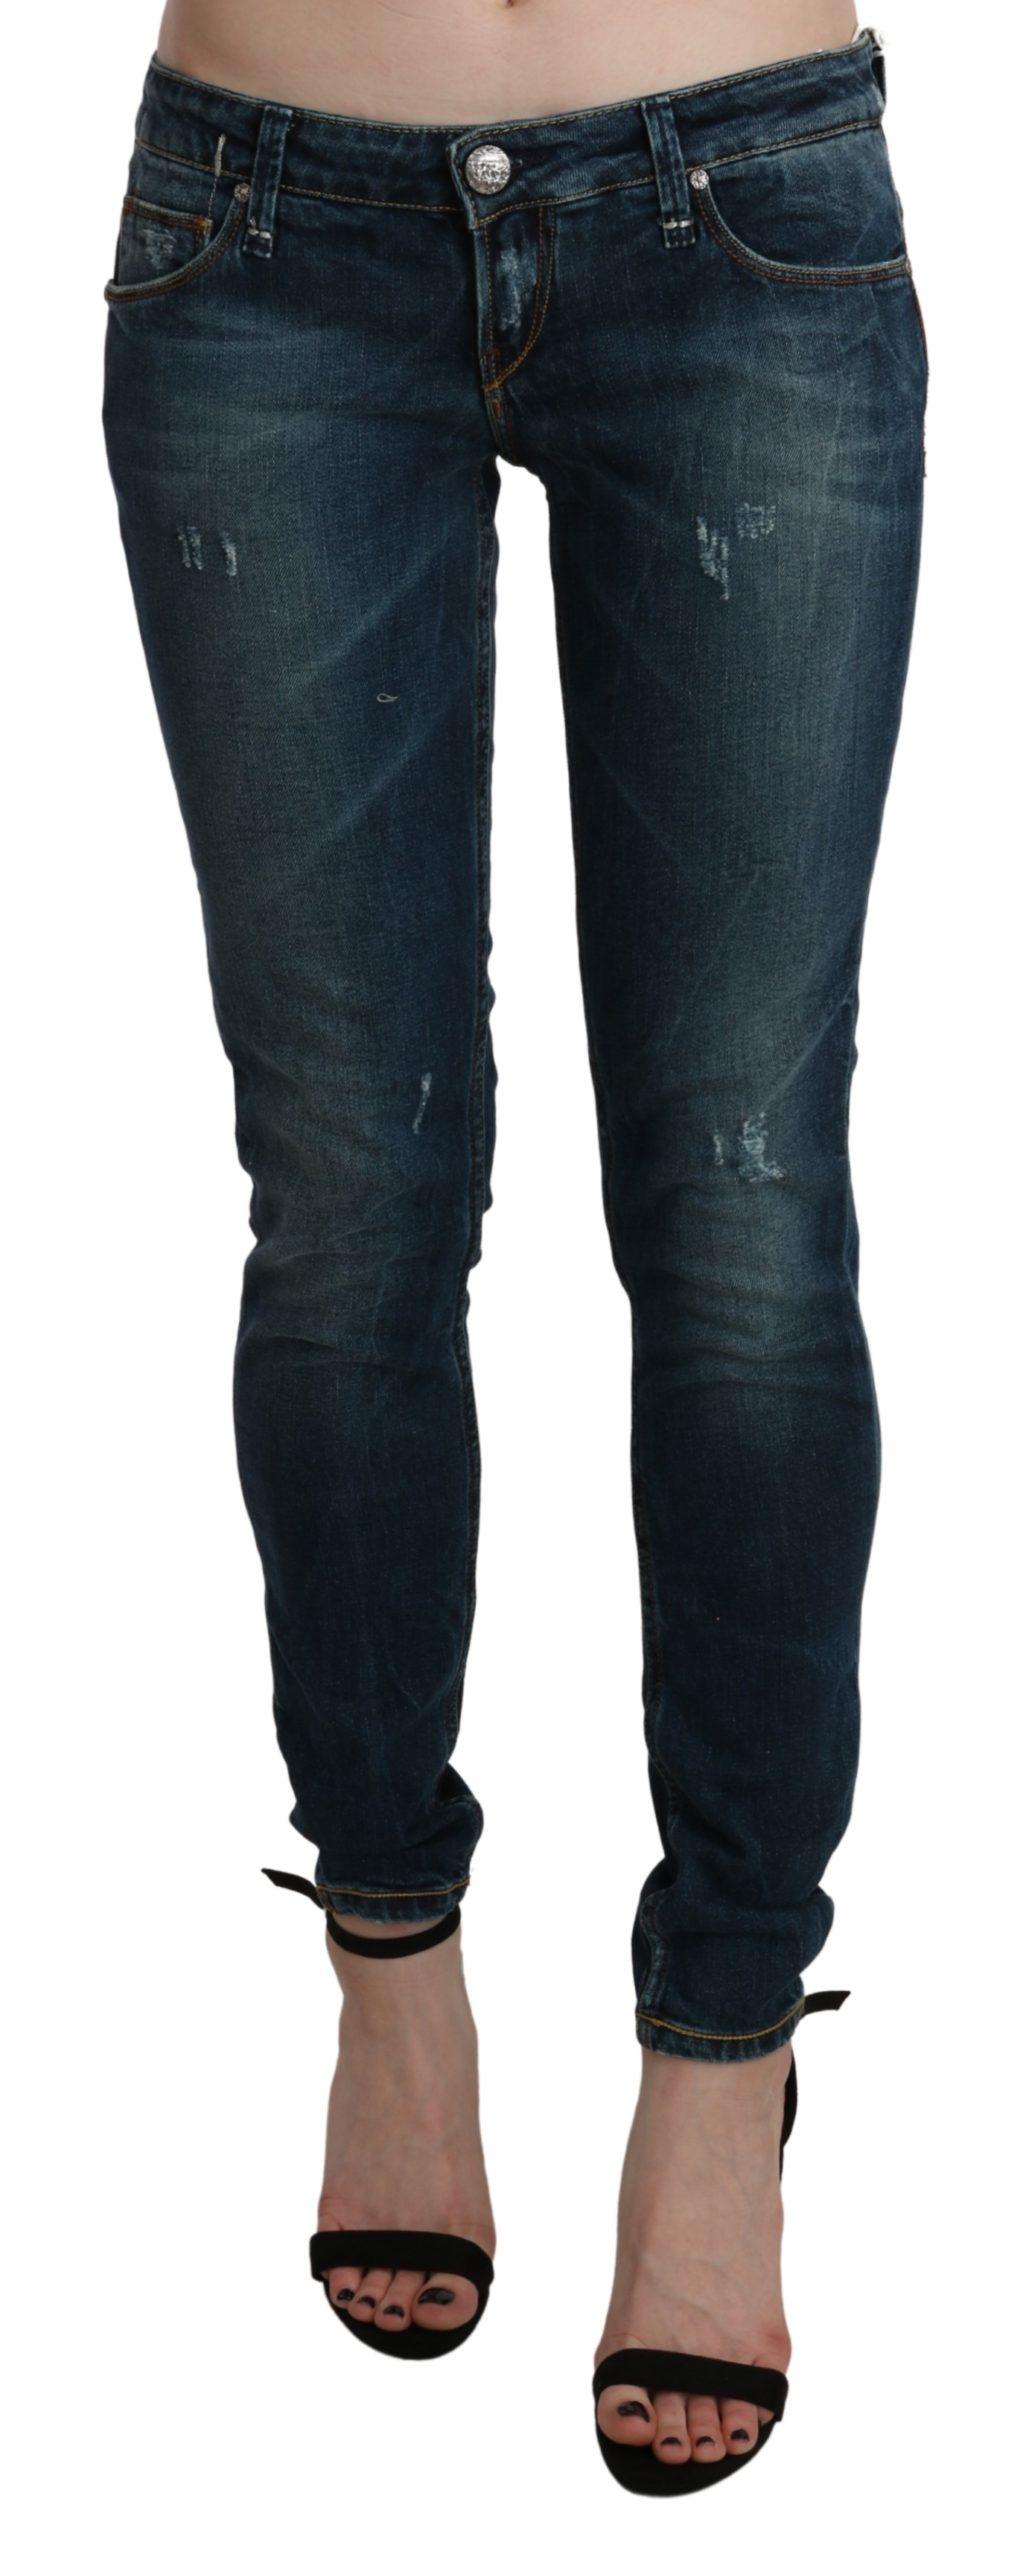 Blue Washed Low Waist Skinny Denim Jeans - W29